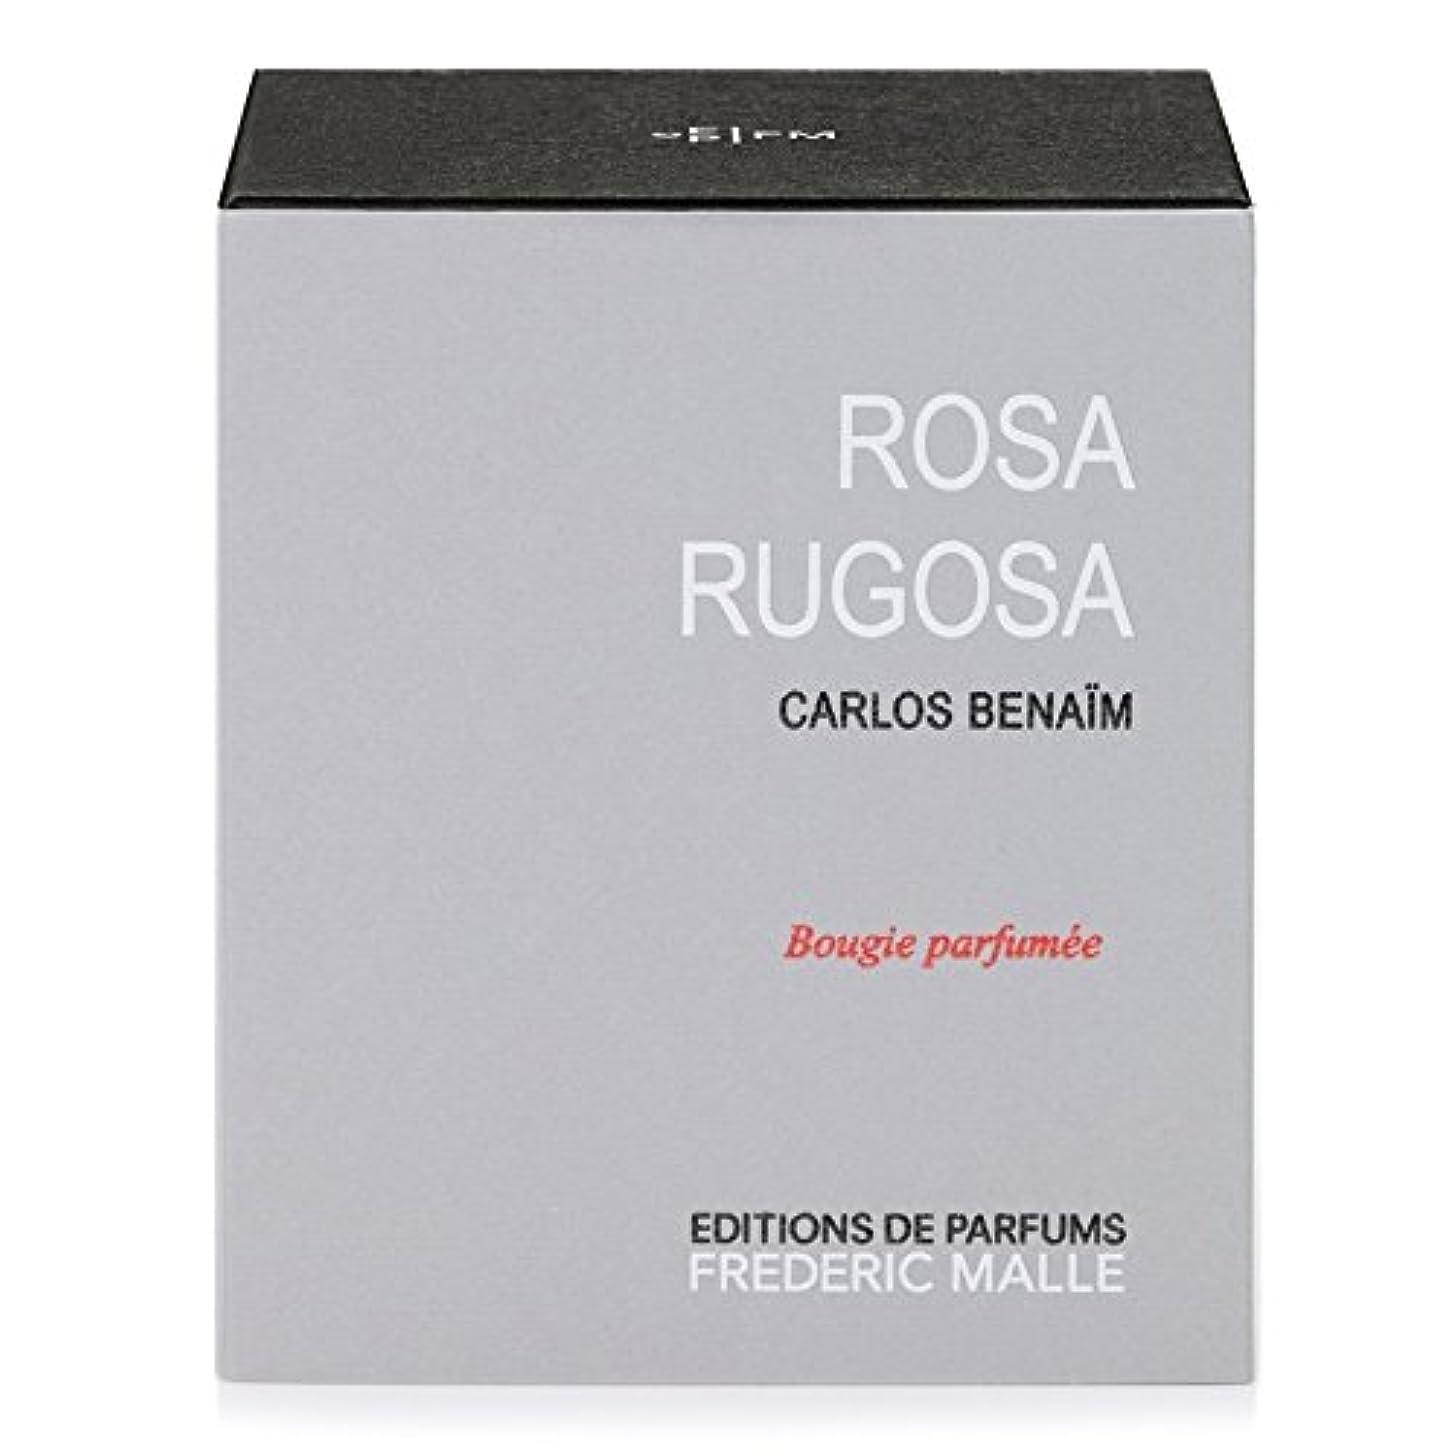 損失広まった引き金フレデリック?マルハマナスの香りのキャンドル x6 - Frederic Malle Rosa Rugosa Scented Candle (Pack of 6) [並行輸入品]